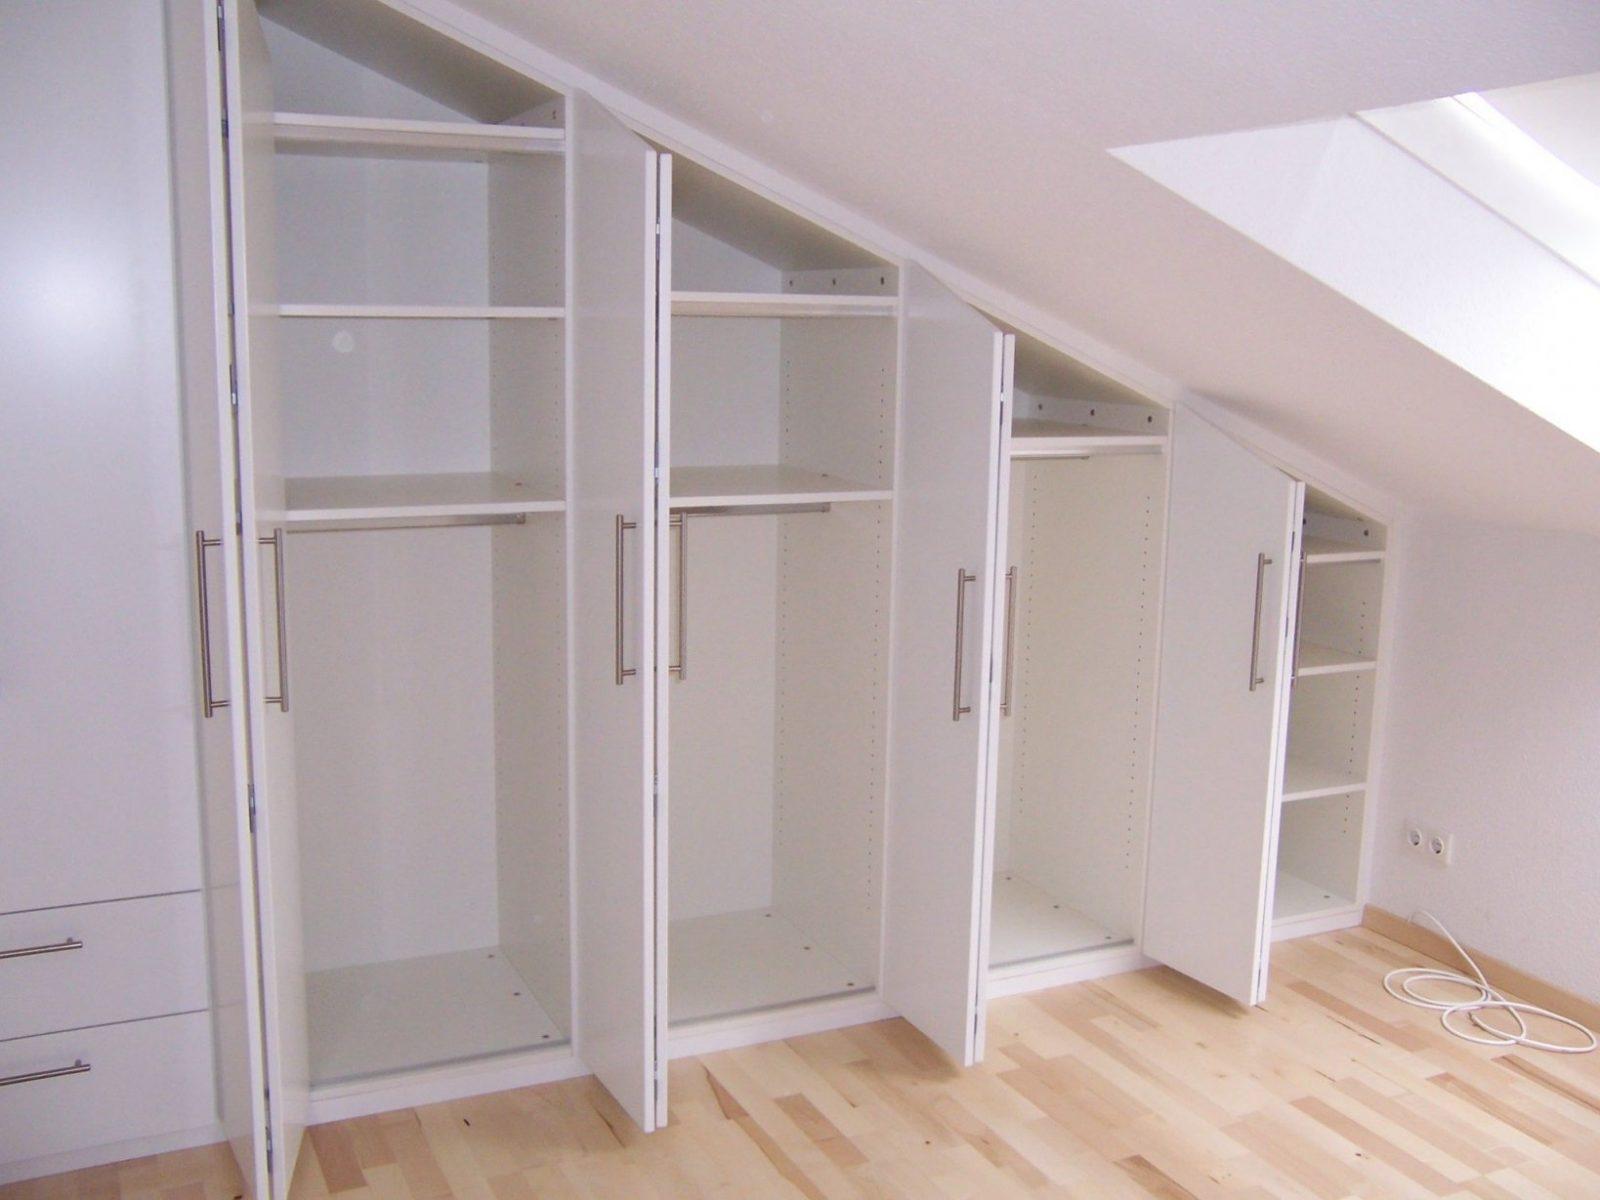 Möbel Dachschräge  Möbel Dachschräge Ikea  Möbel …  Schrägen  Kleid… von Kleiderschrank Für Dachschräge Ikea Photo